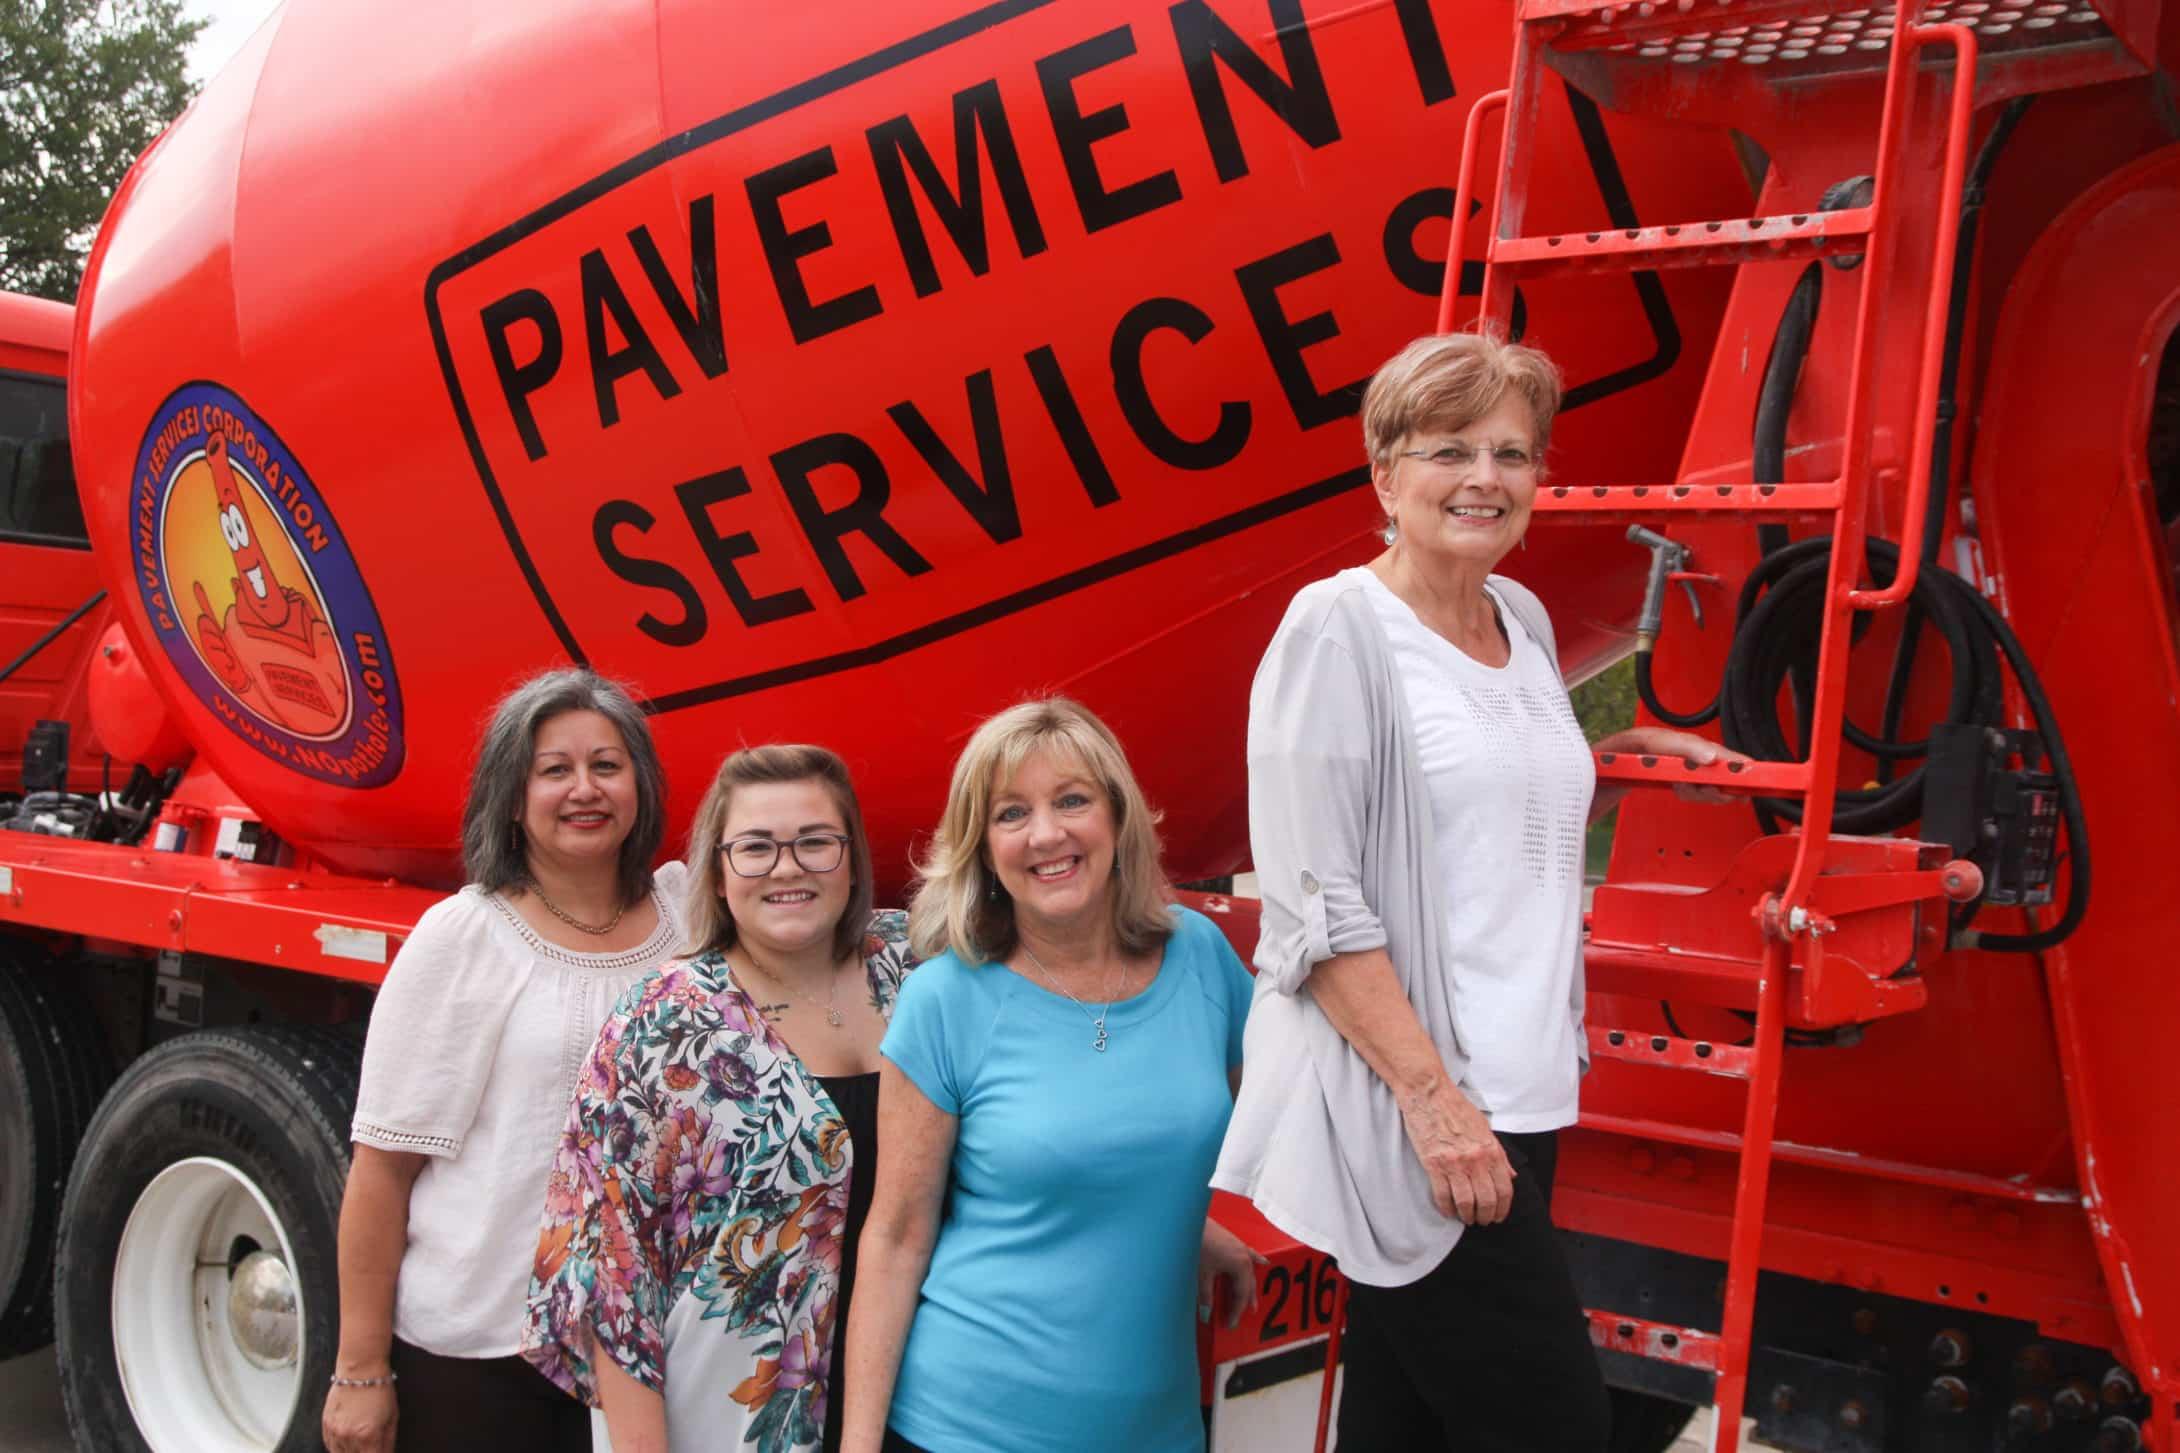 Pavement Services - Aug 15 - 2017-39